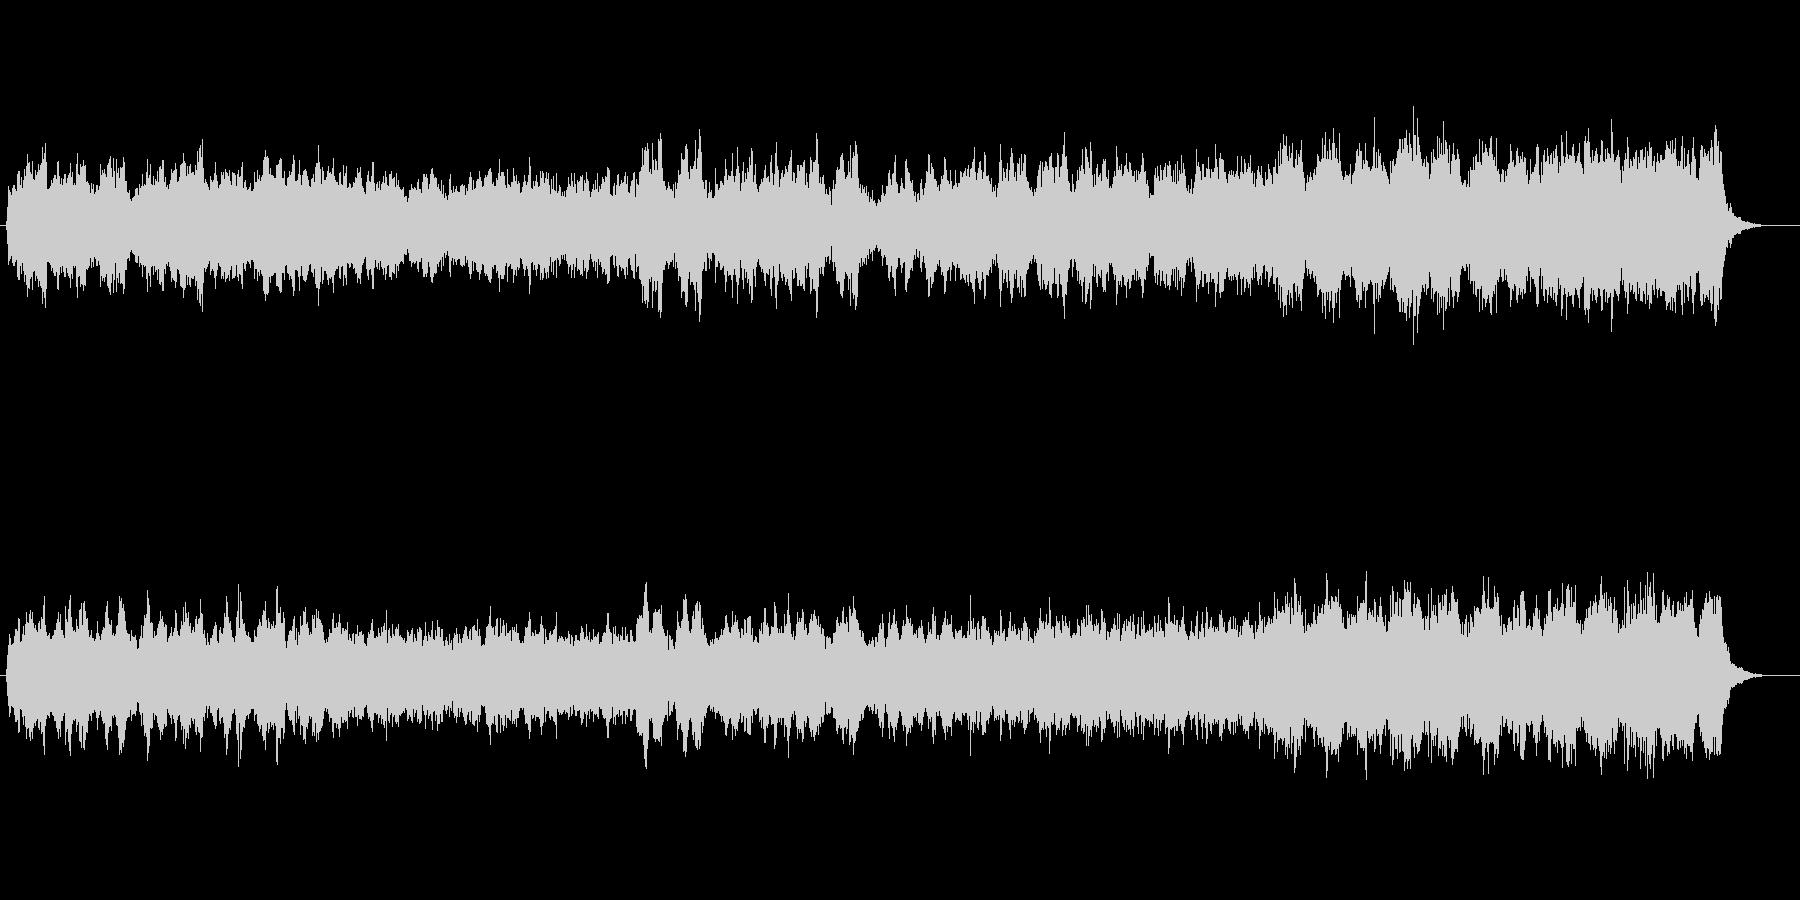 弦楽アレンジのマズルカオリジナルの未再生の波形